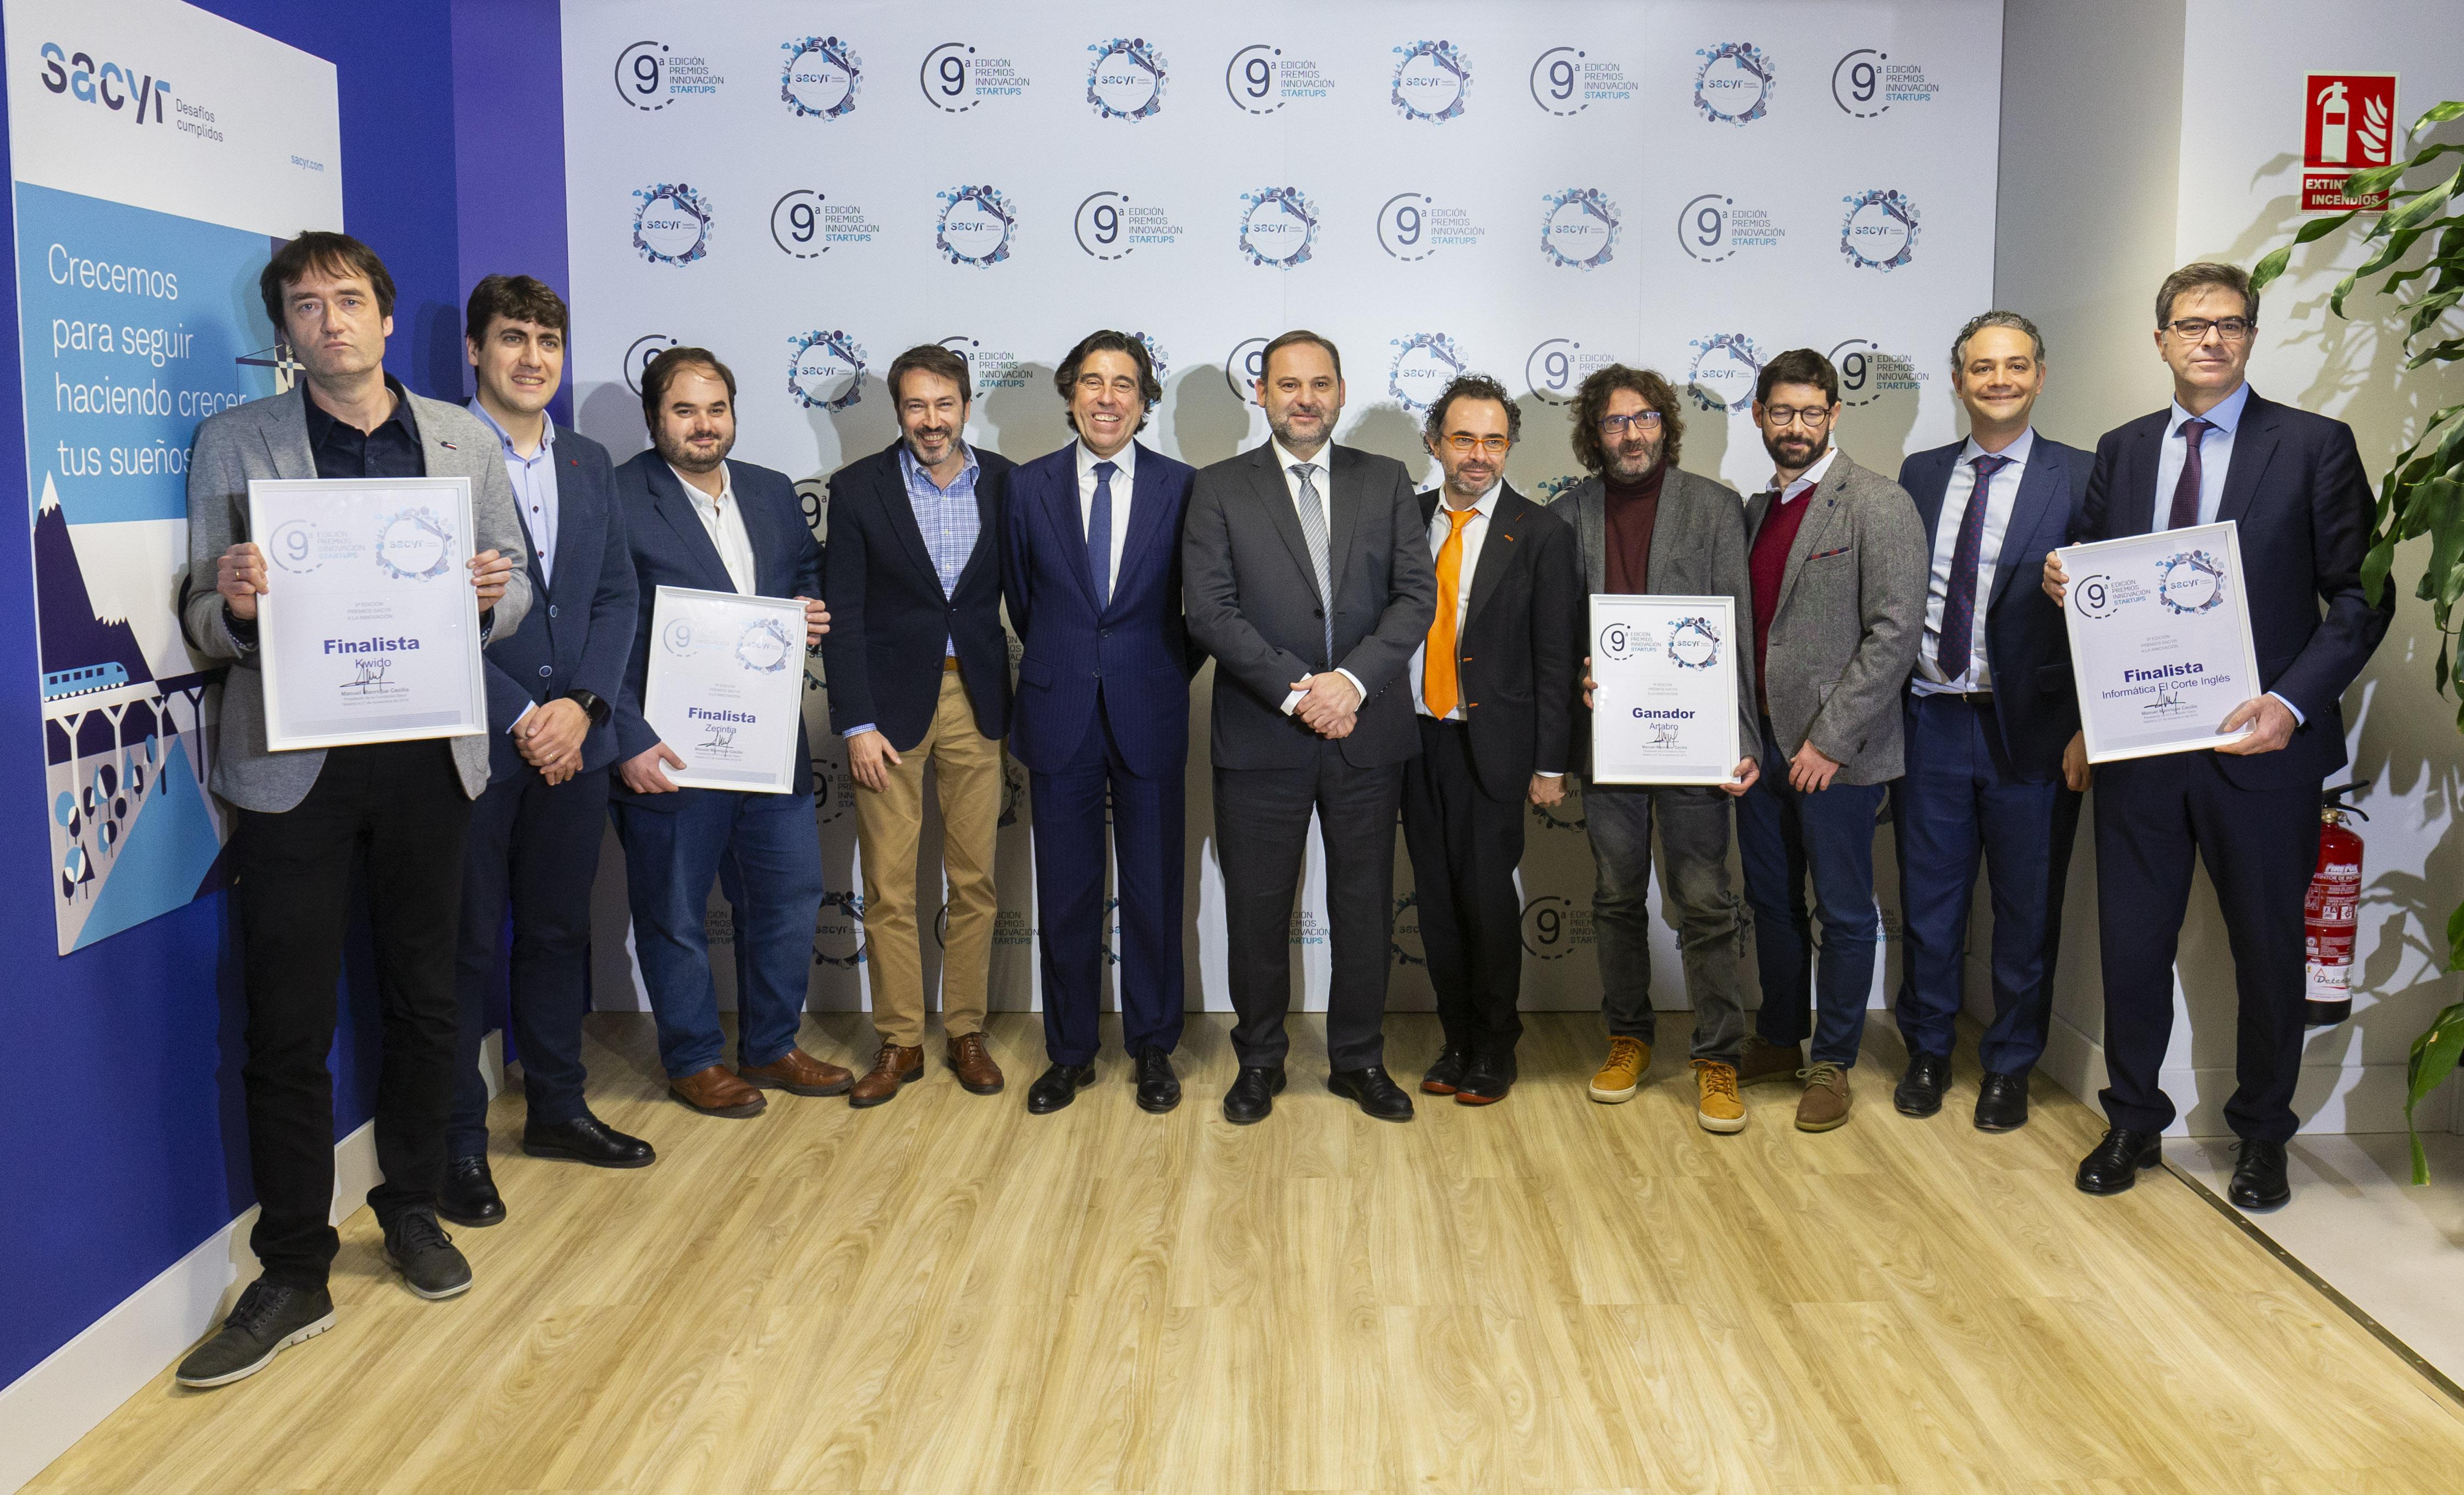 Ganador y finalistas Sacyr innovacion 2019 25